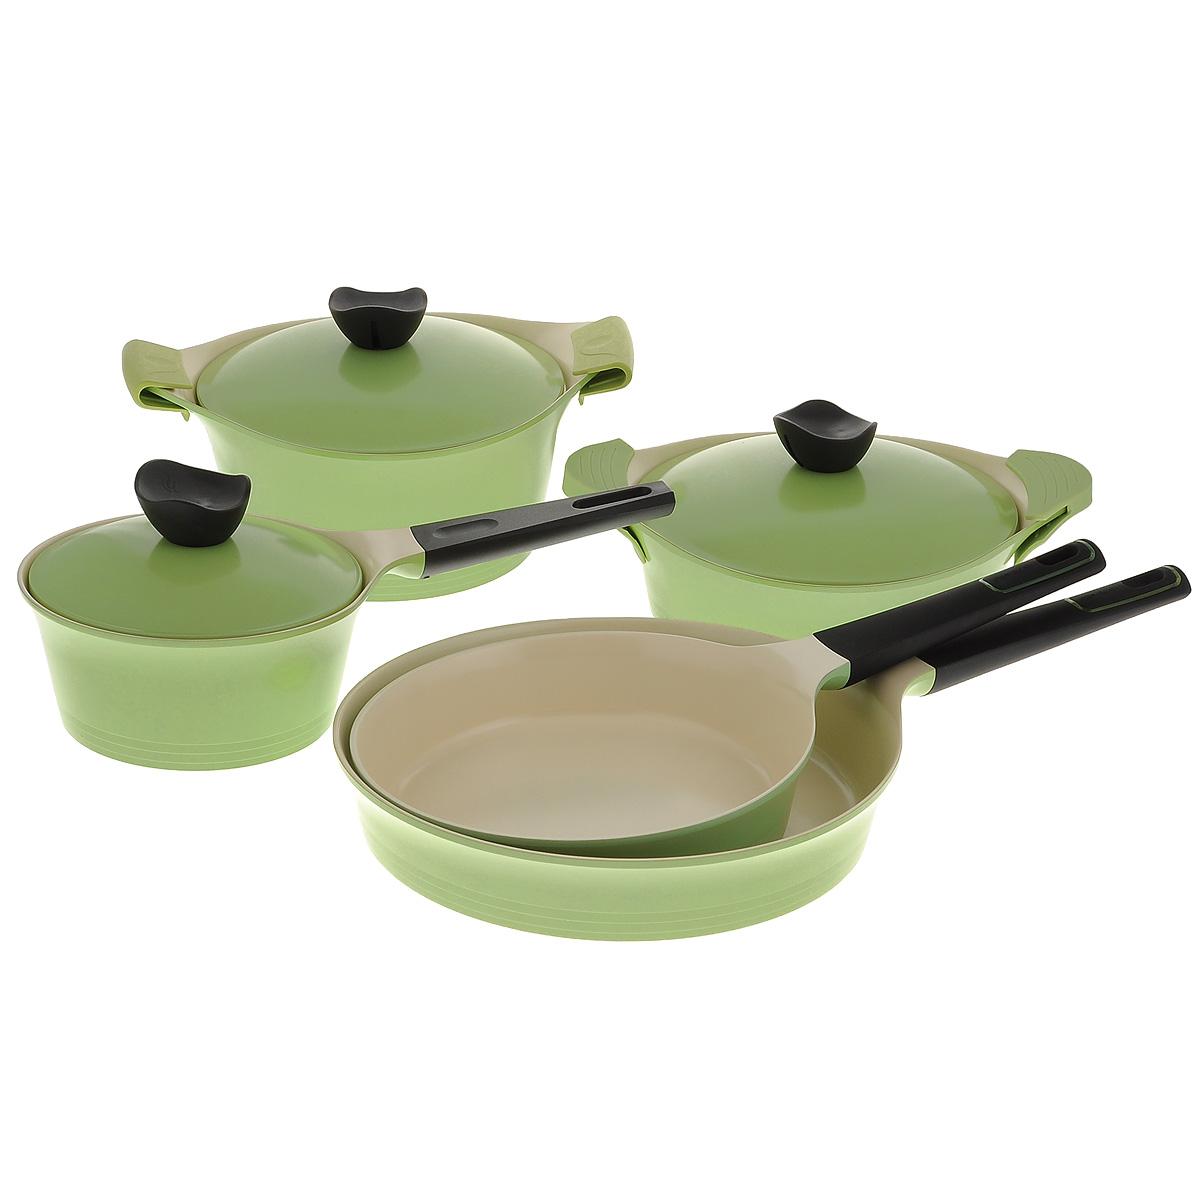 Набор посуды Frybest Evergreen, с керамическим покрытием, цвет: оливковый, 12 предметов